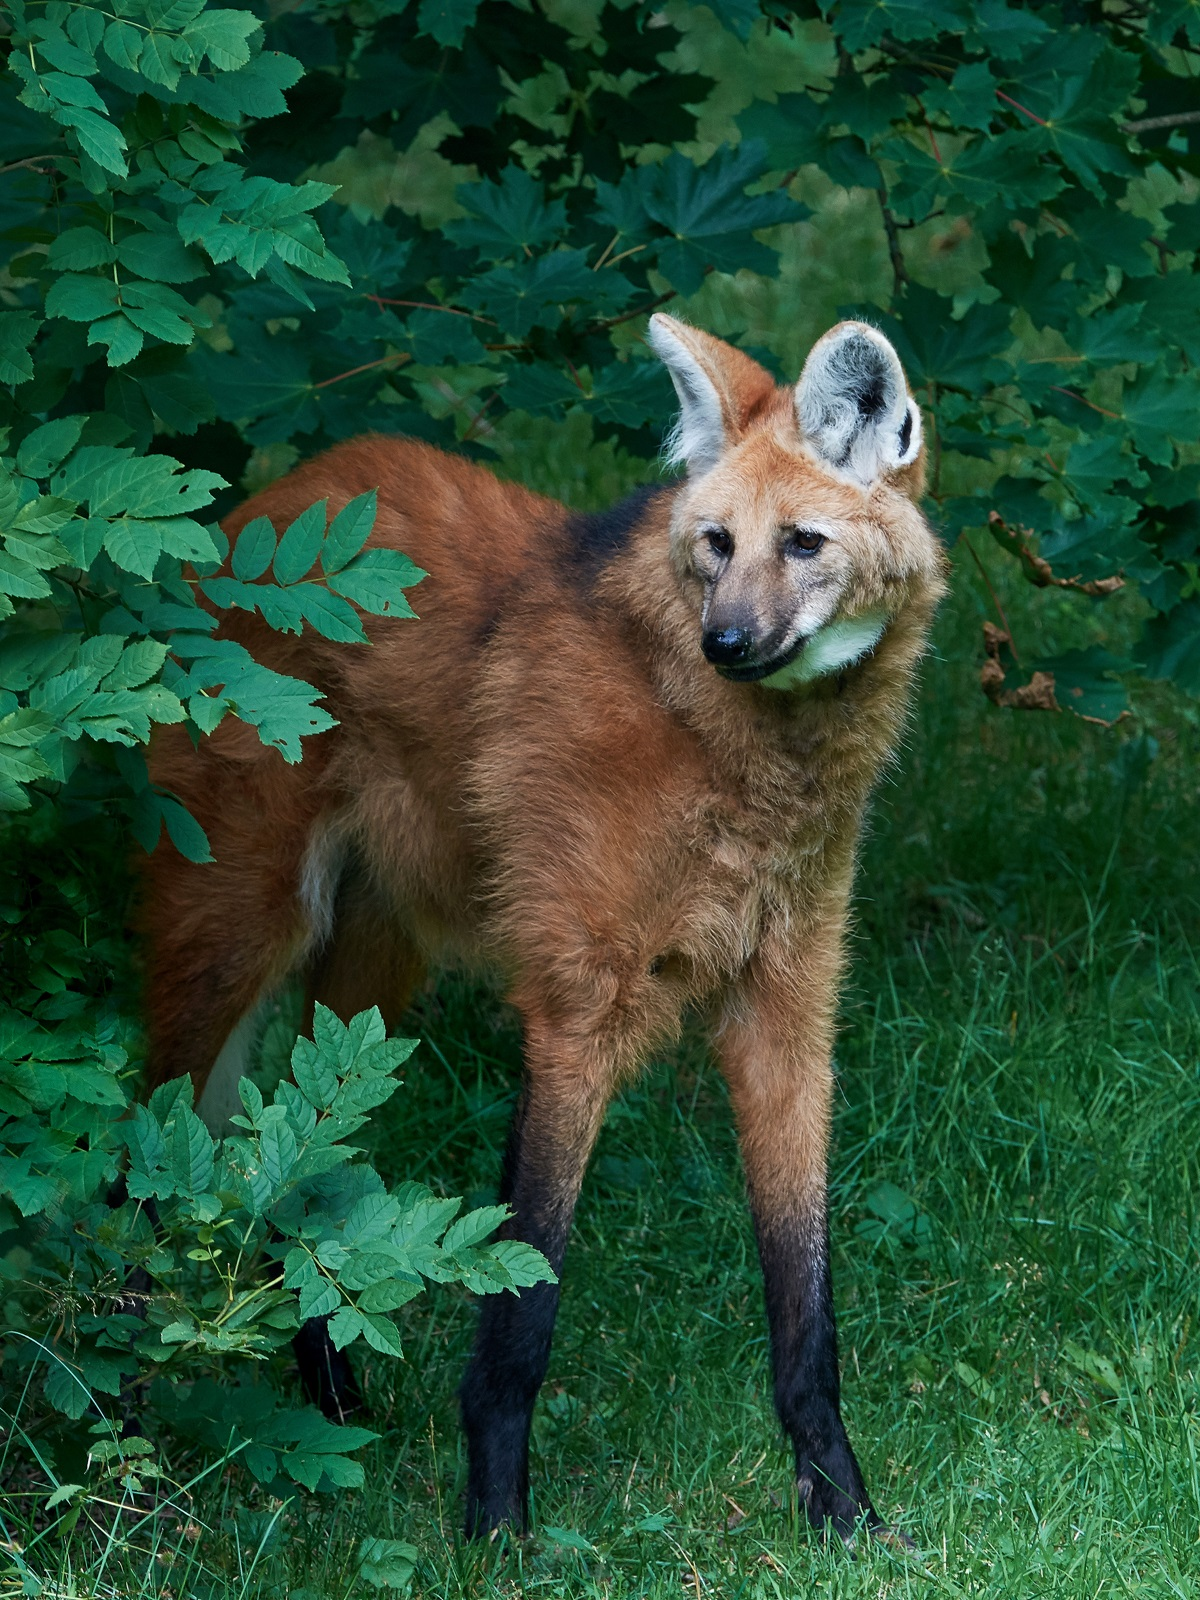 Гривест вълк Този бозайник с вретеновидни крака не е нито лисица, нито, както подсказва името му, вълк. Това животно е толкова специално, че си има свой вид - chrysocyon. Гривестите вълци живеят в централните райони на Южна Америка и имат големи уши и много дълги крака. За разлика от вълците и кучетата, те си избират един партньор за цял живот и не образуват глутници. Те са срамежливи, но ако се чувстват заплашени козината на врата им щръква нагоре и оттам идва името им.